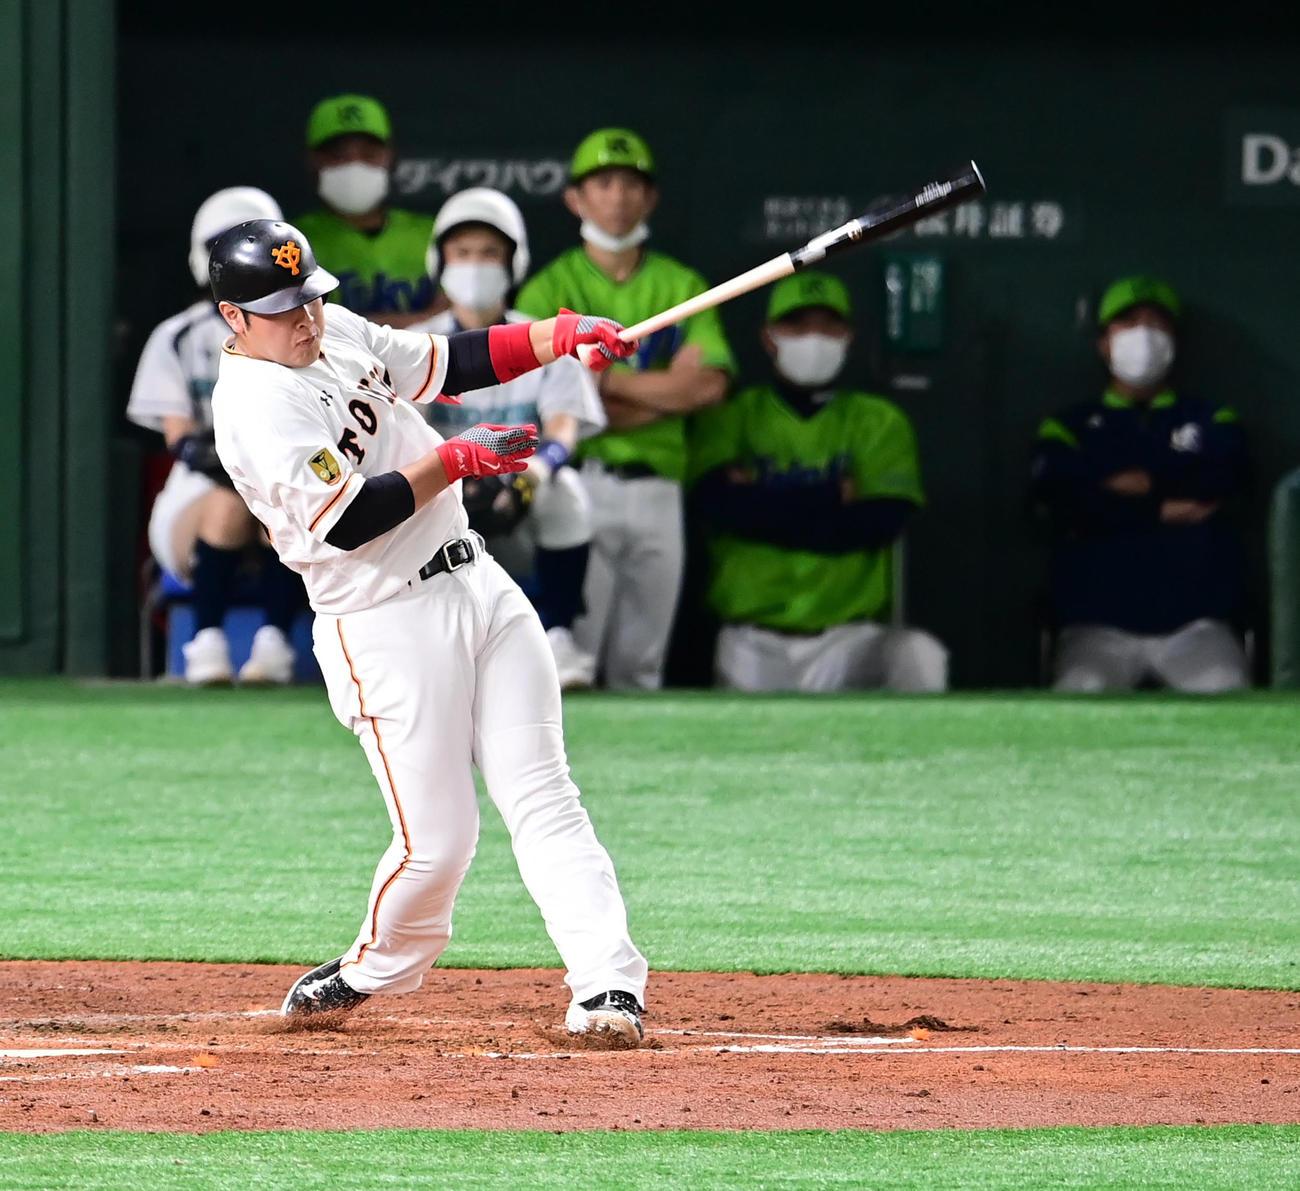 巨人対ヤクルト 3回裏巨人2死二塁、岡本は左越えに逆転2点本塁打を放つ(撮影・小沢裕)